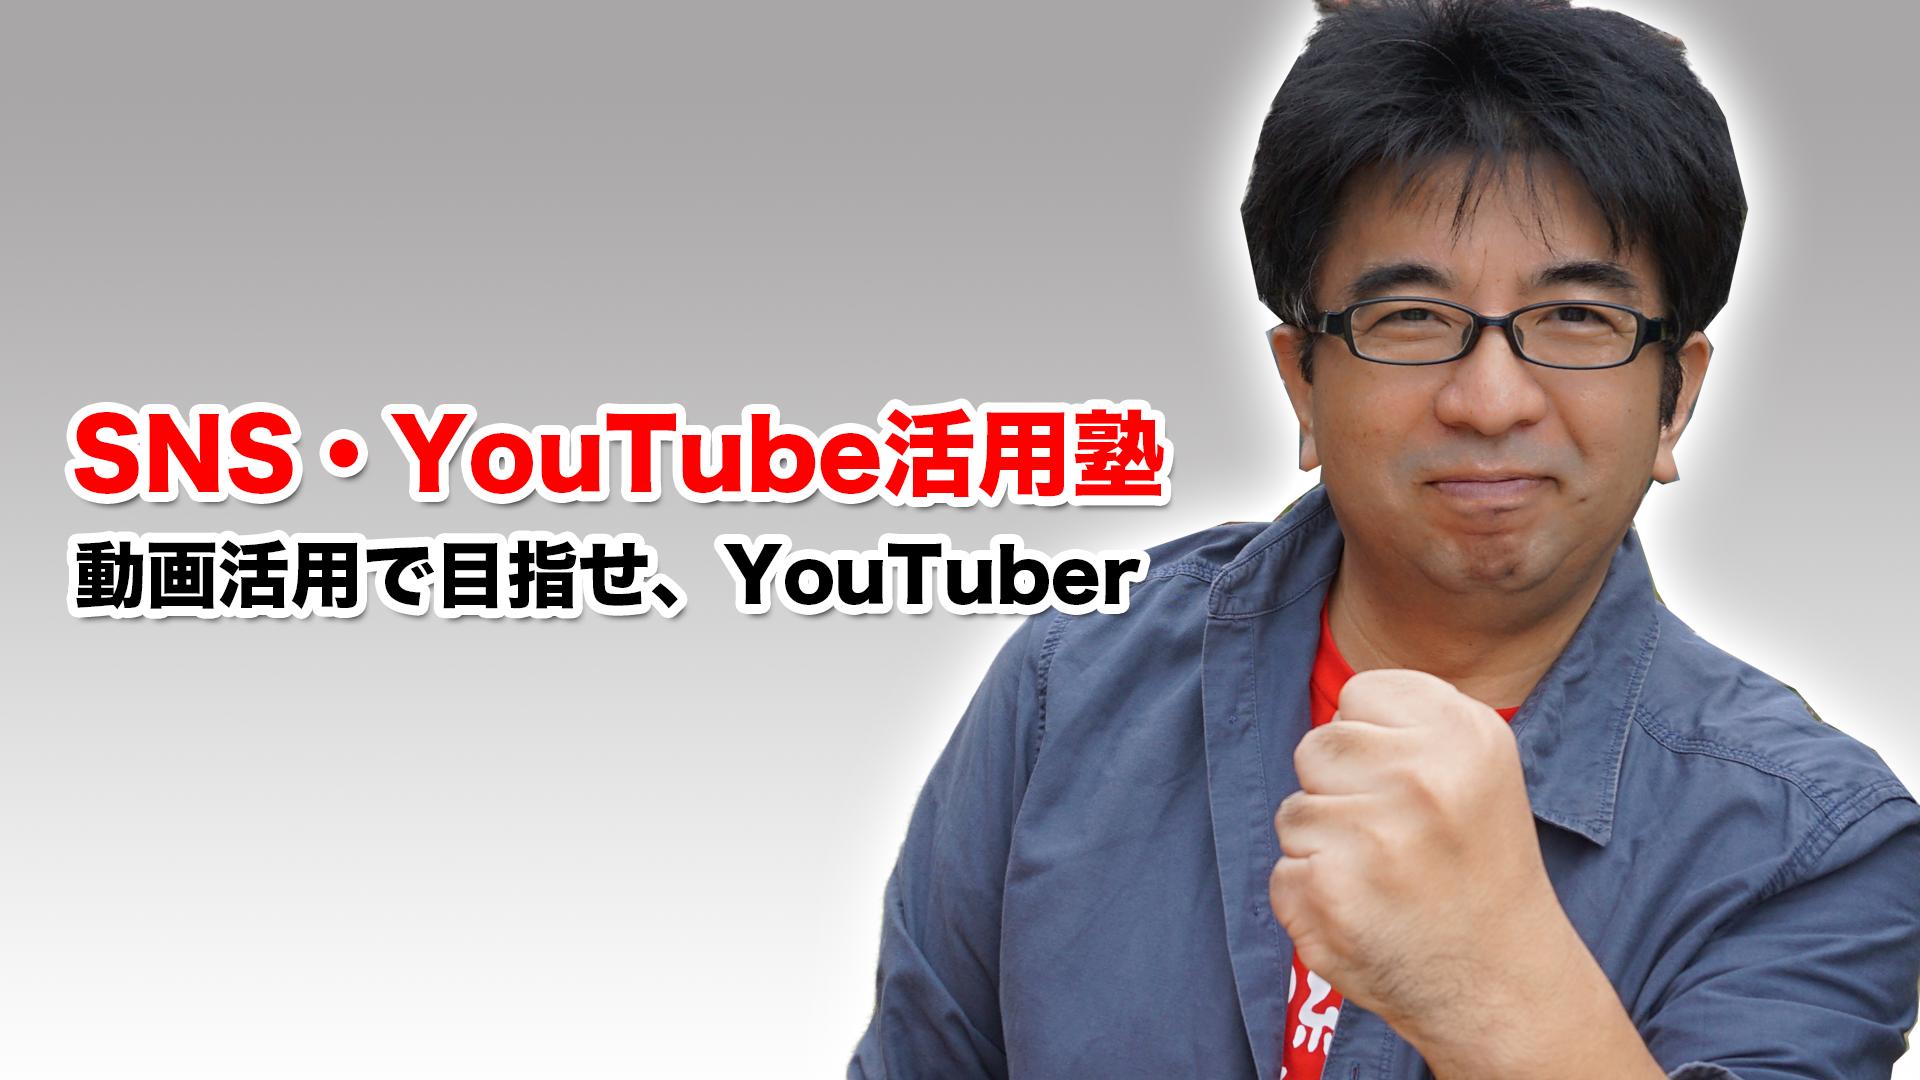 すずきたかまさのSNS・YouTube活用塾。目指せYouTuber!